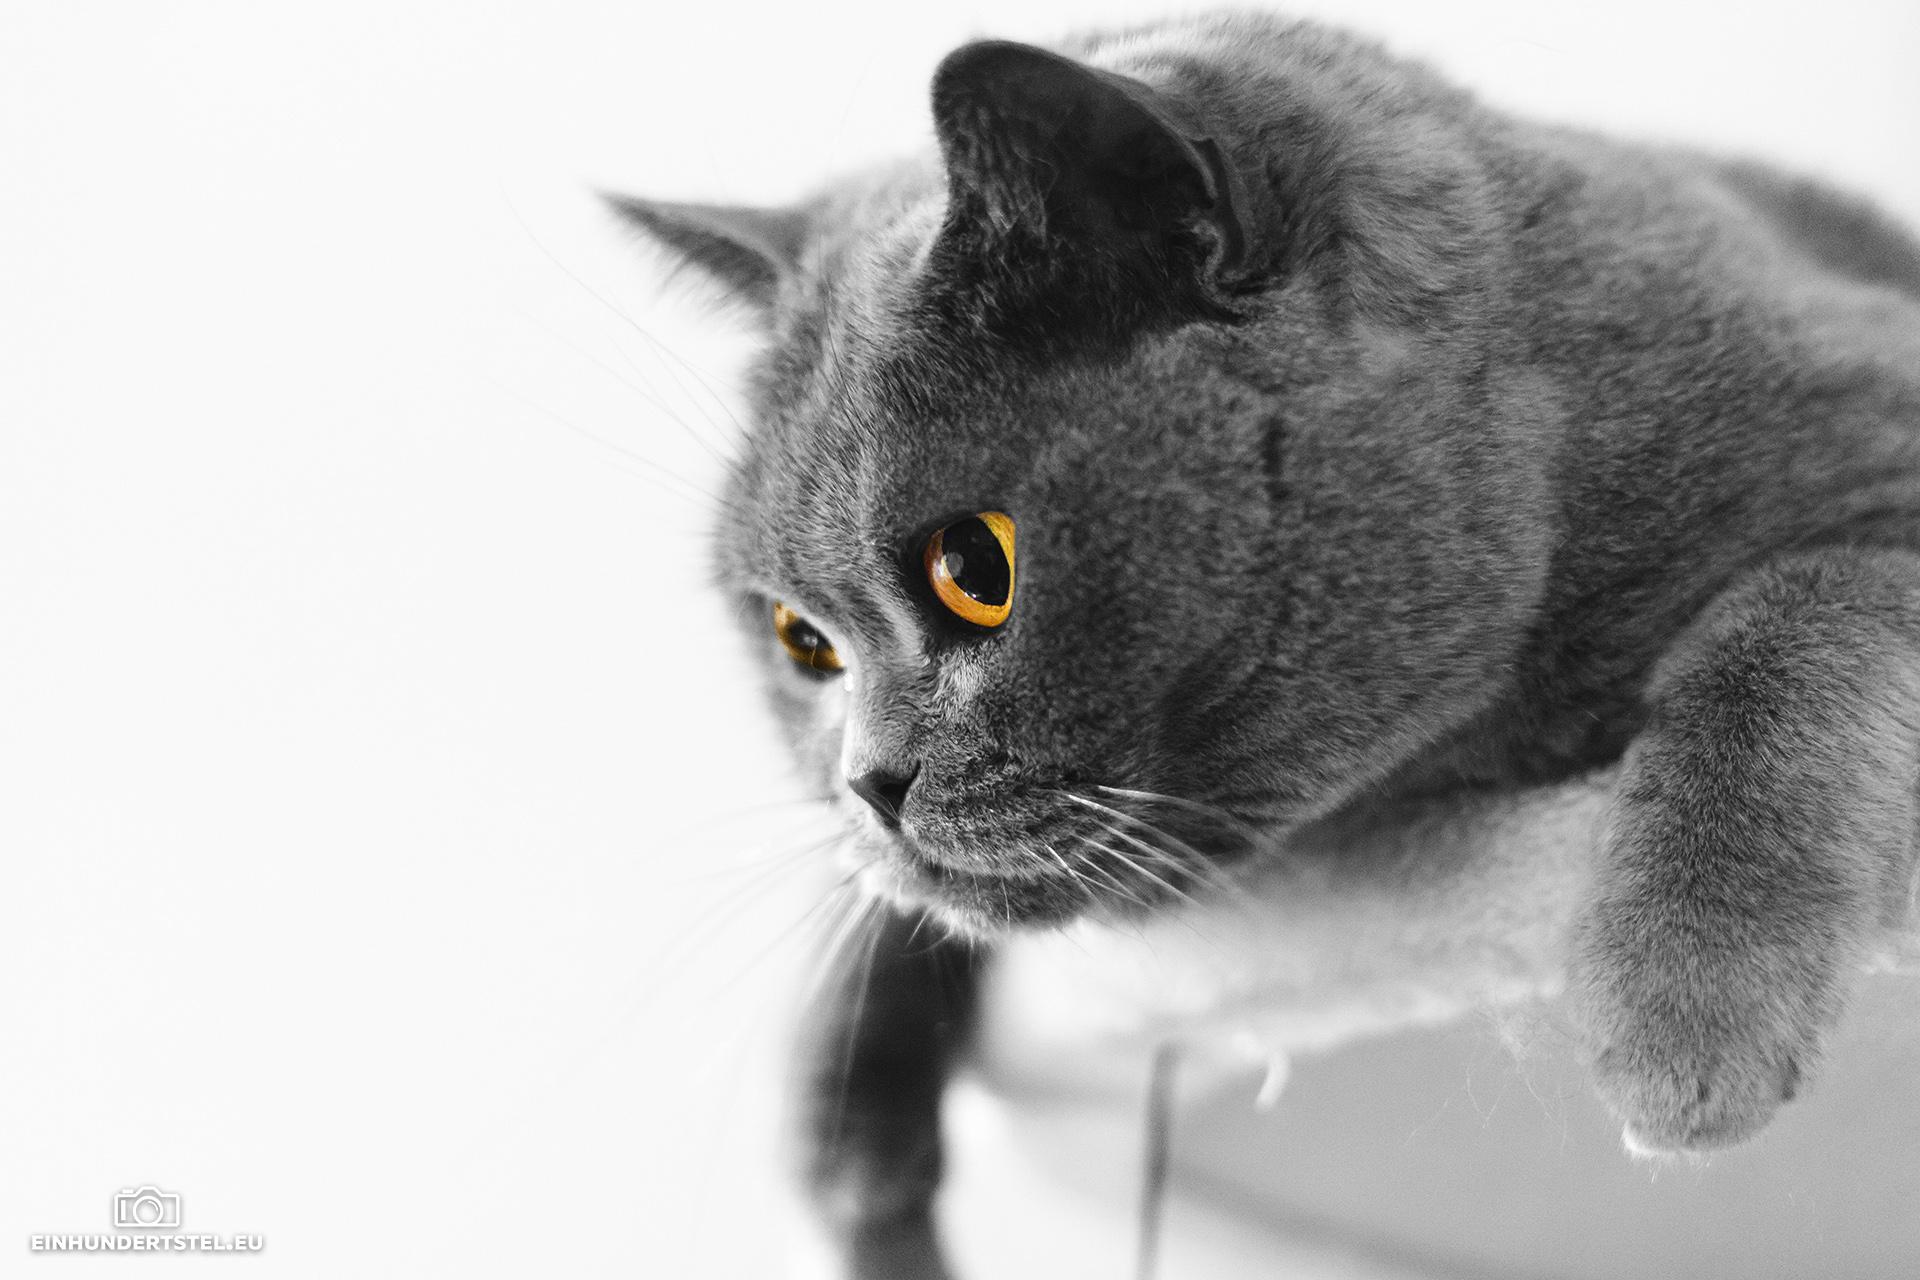 Schwarzweiß-Bild. Britisch-Kurzhaar-Katze Bella beobachtet vom Kratzbaum aus. Augen sind bernsteinfarben sichtbar.